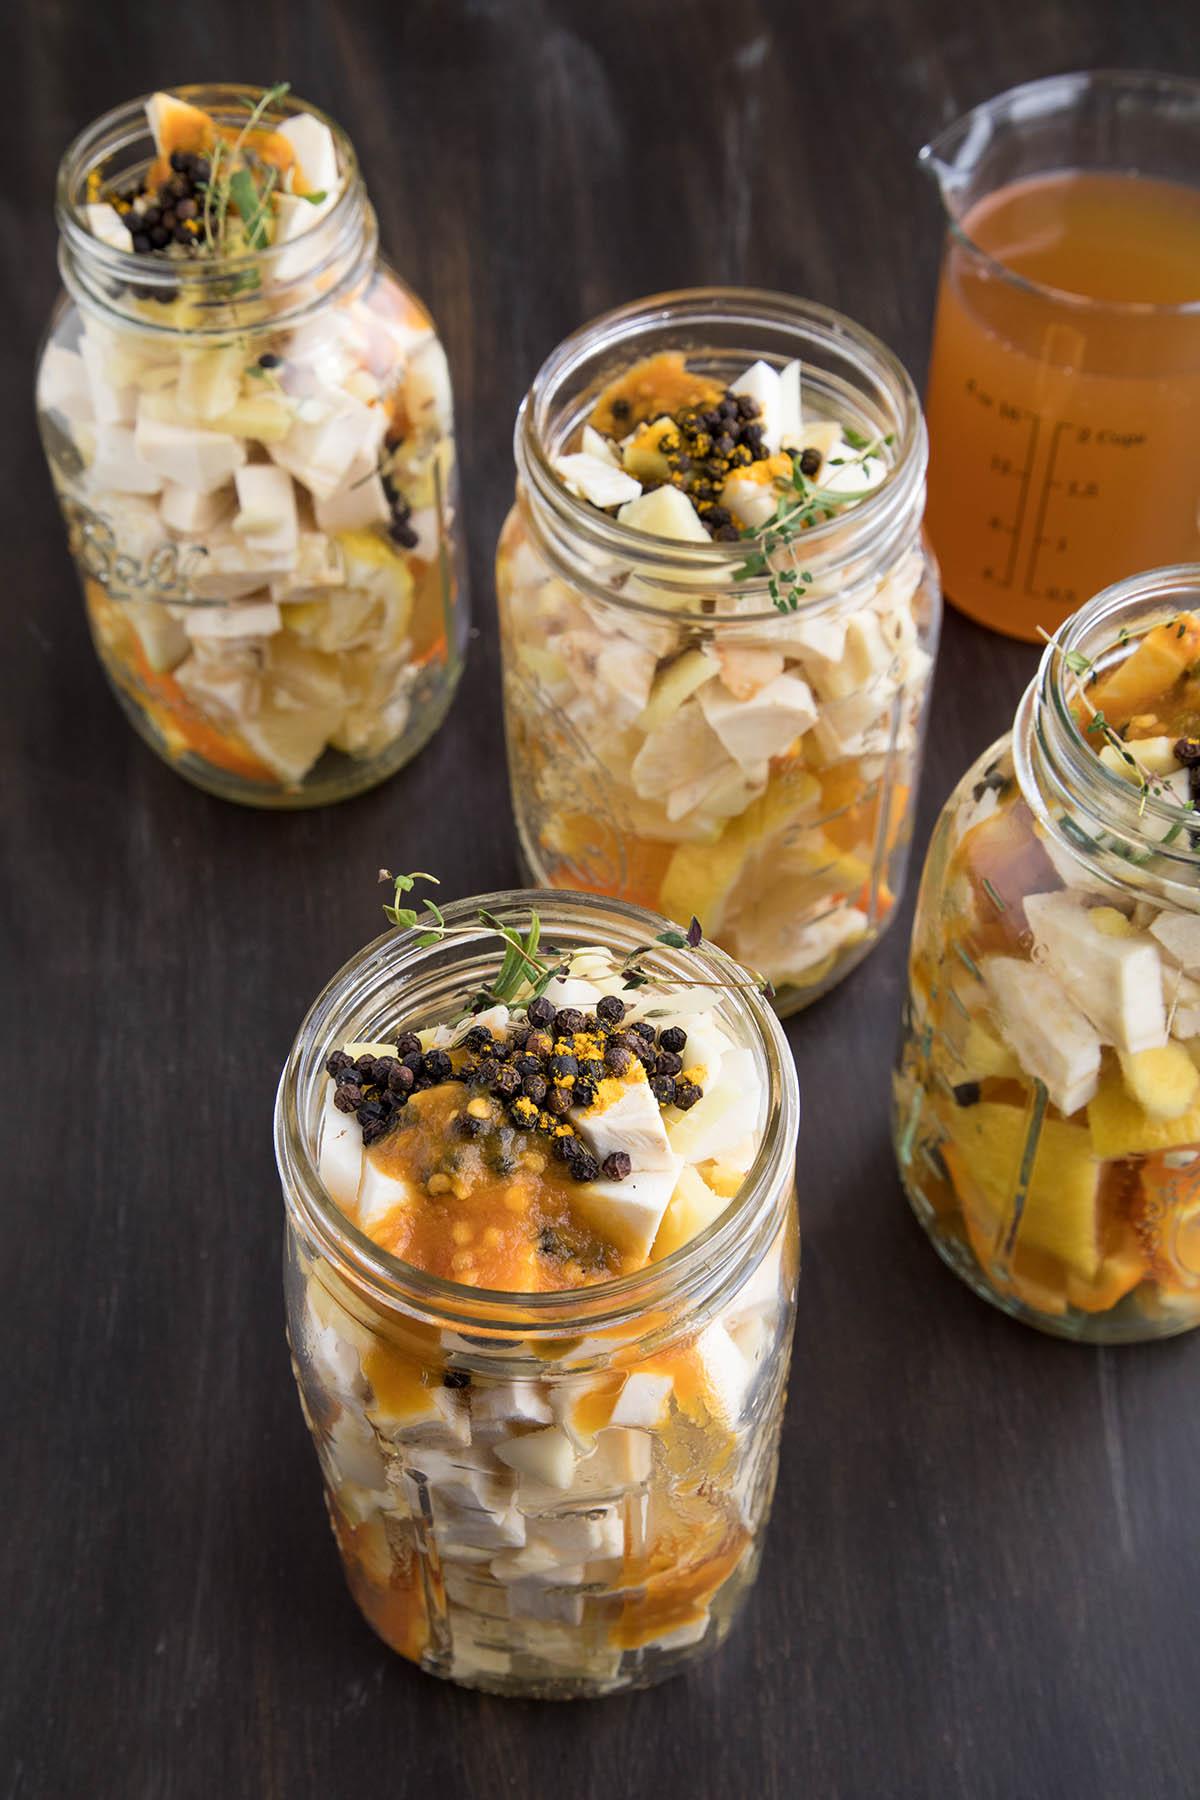 Fire Cider ingredients before apple cider vinegar is added